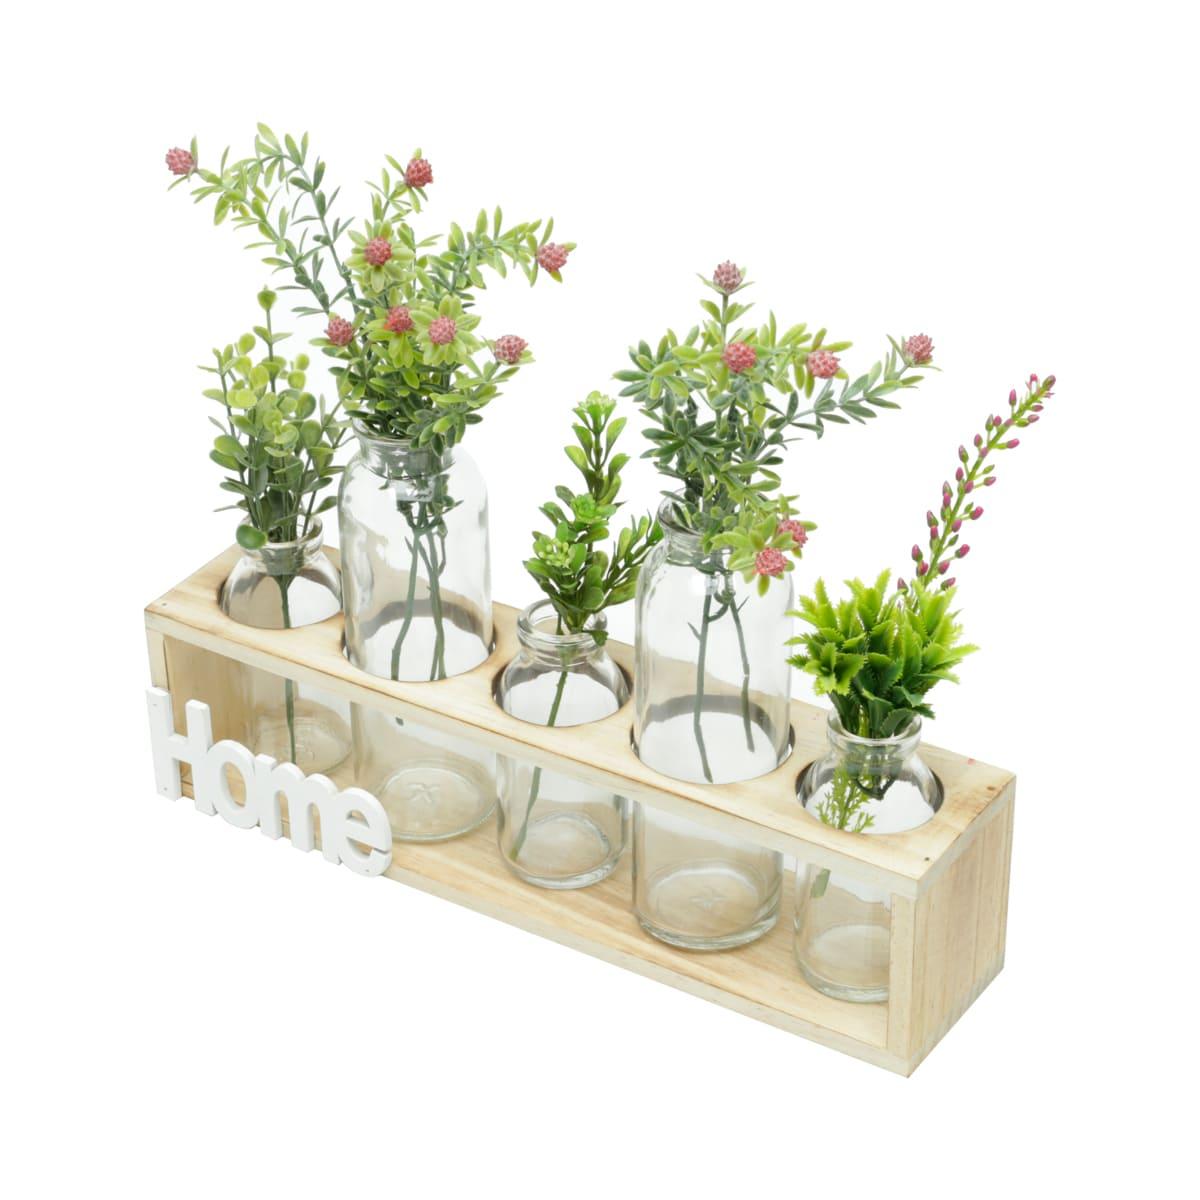 Vaso Suporte Madeira com 5 Garrafas Vidro para Plantas e Flores Decoração de Casa Moderna